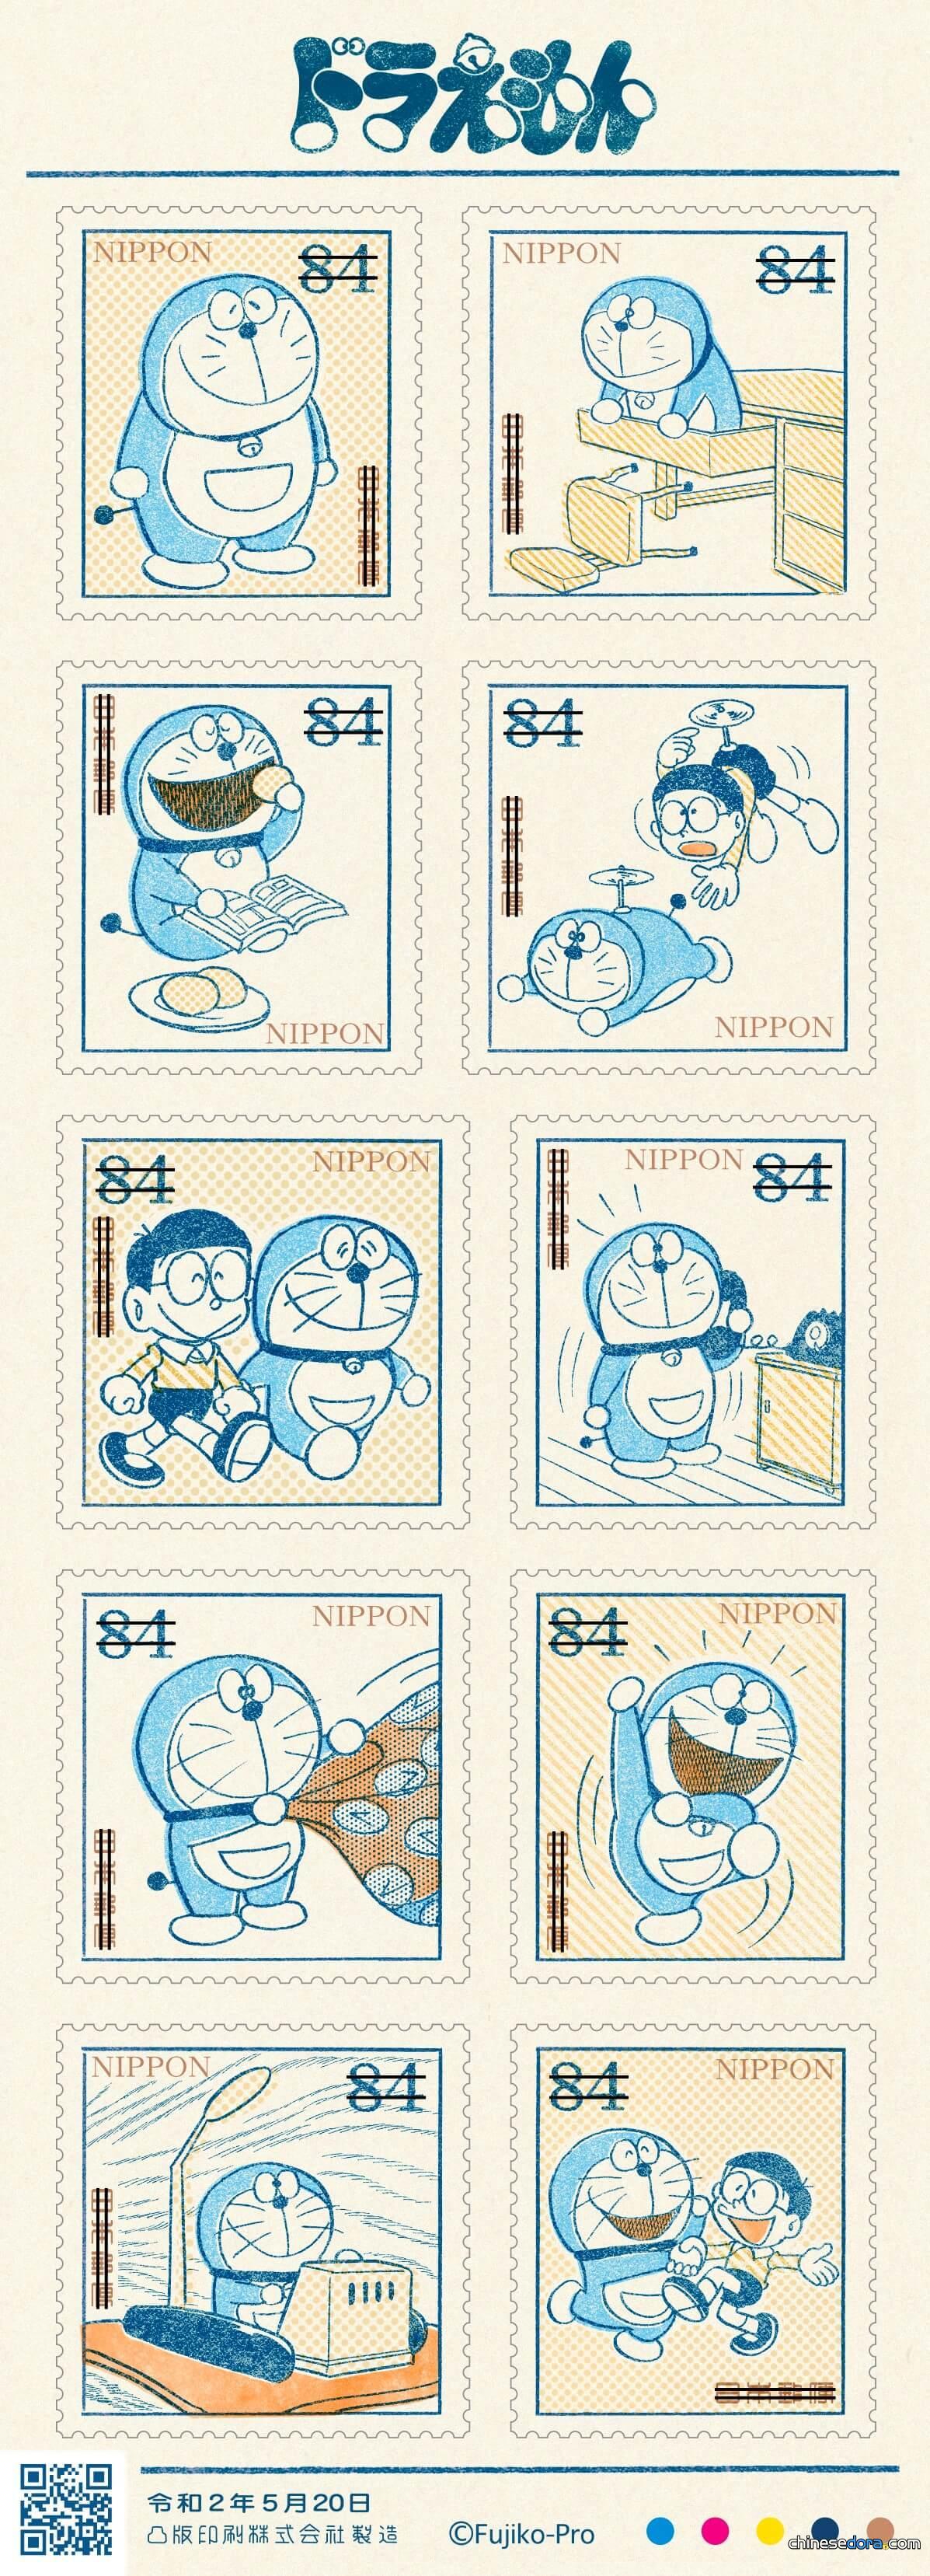 [大陸] 中國郵政引進日本哆啦A夢郵票網路預購 還沒截止預購即被秒殺